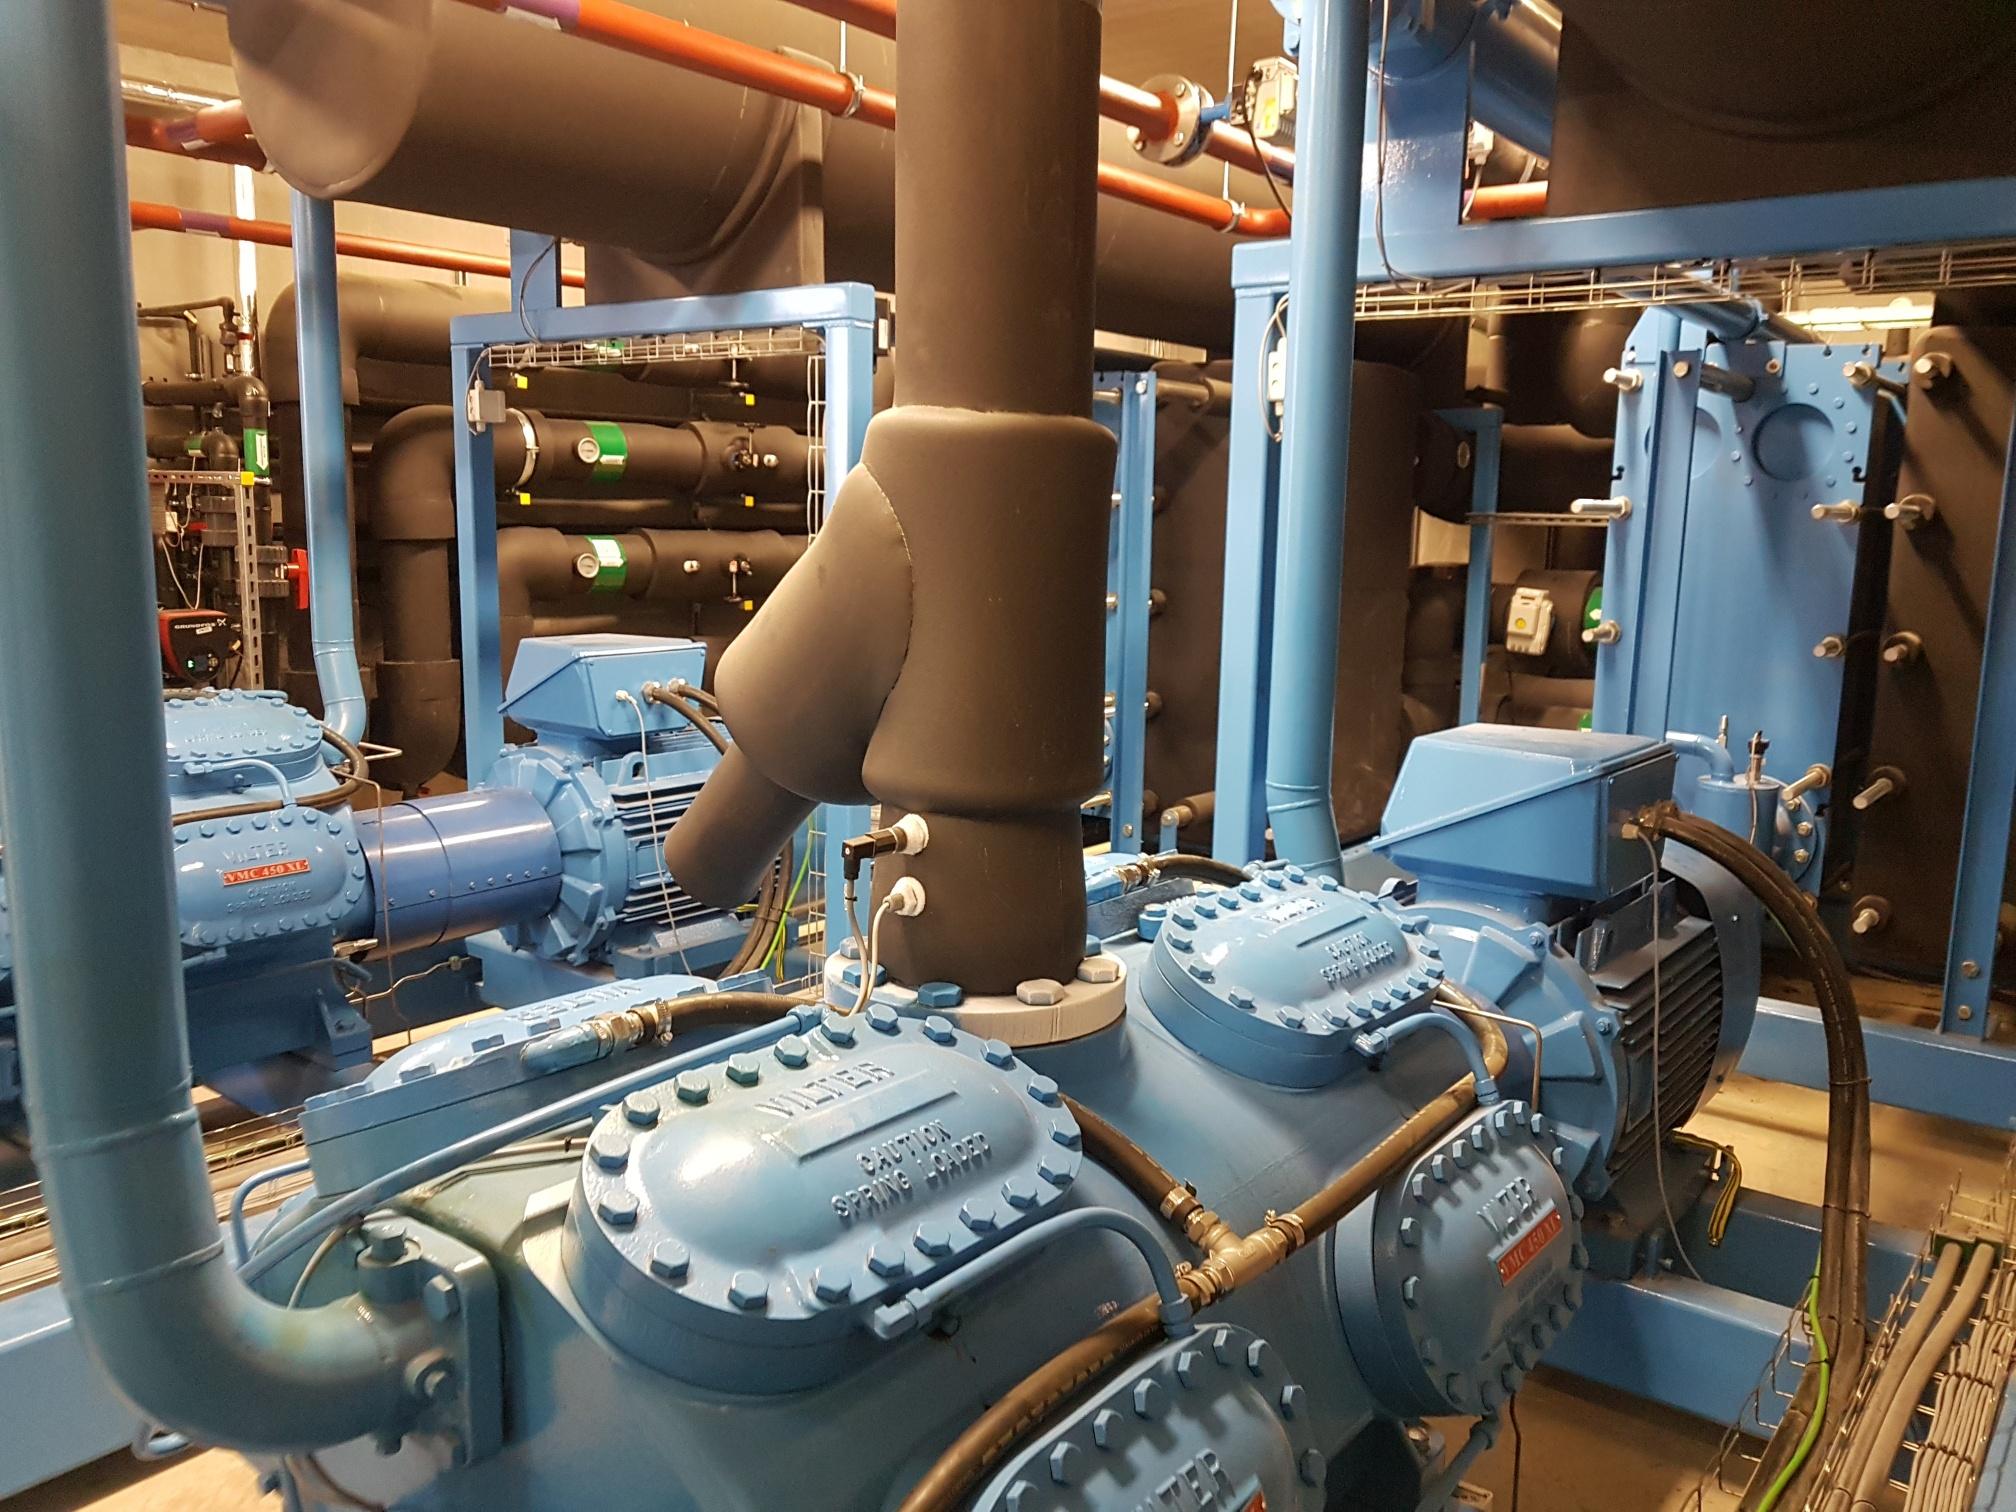 Sala de máquinas con enfriadoras de glicol azul y negro durante el servicio de mantenimiento y reparación